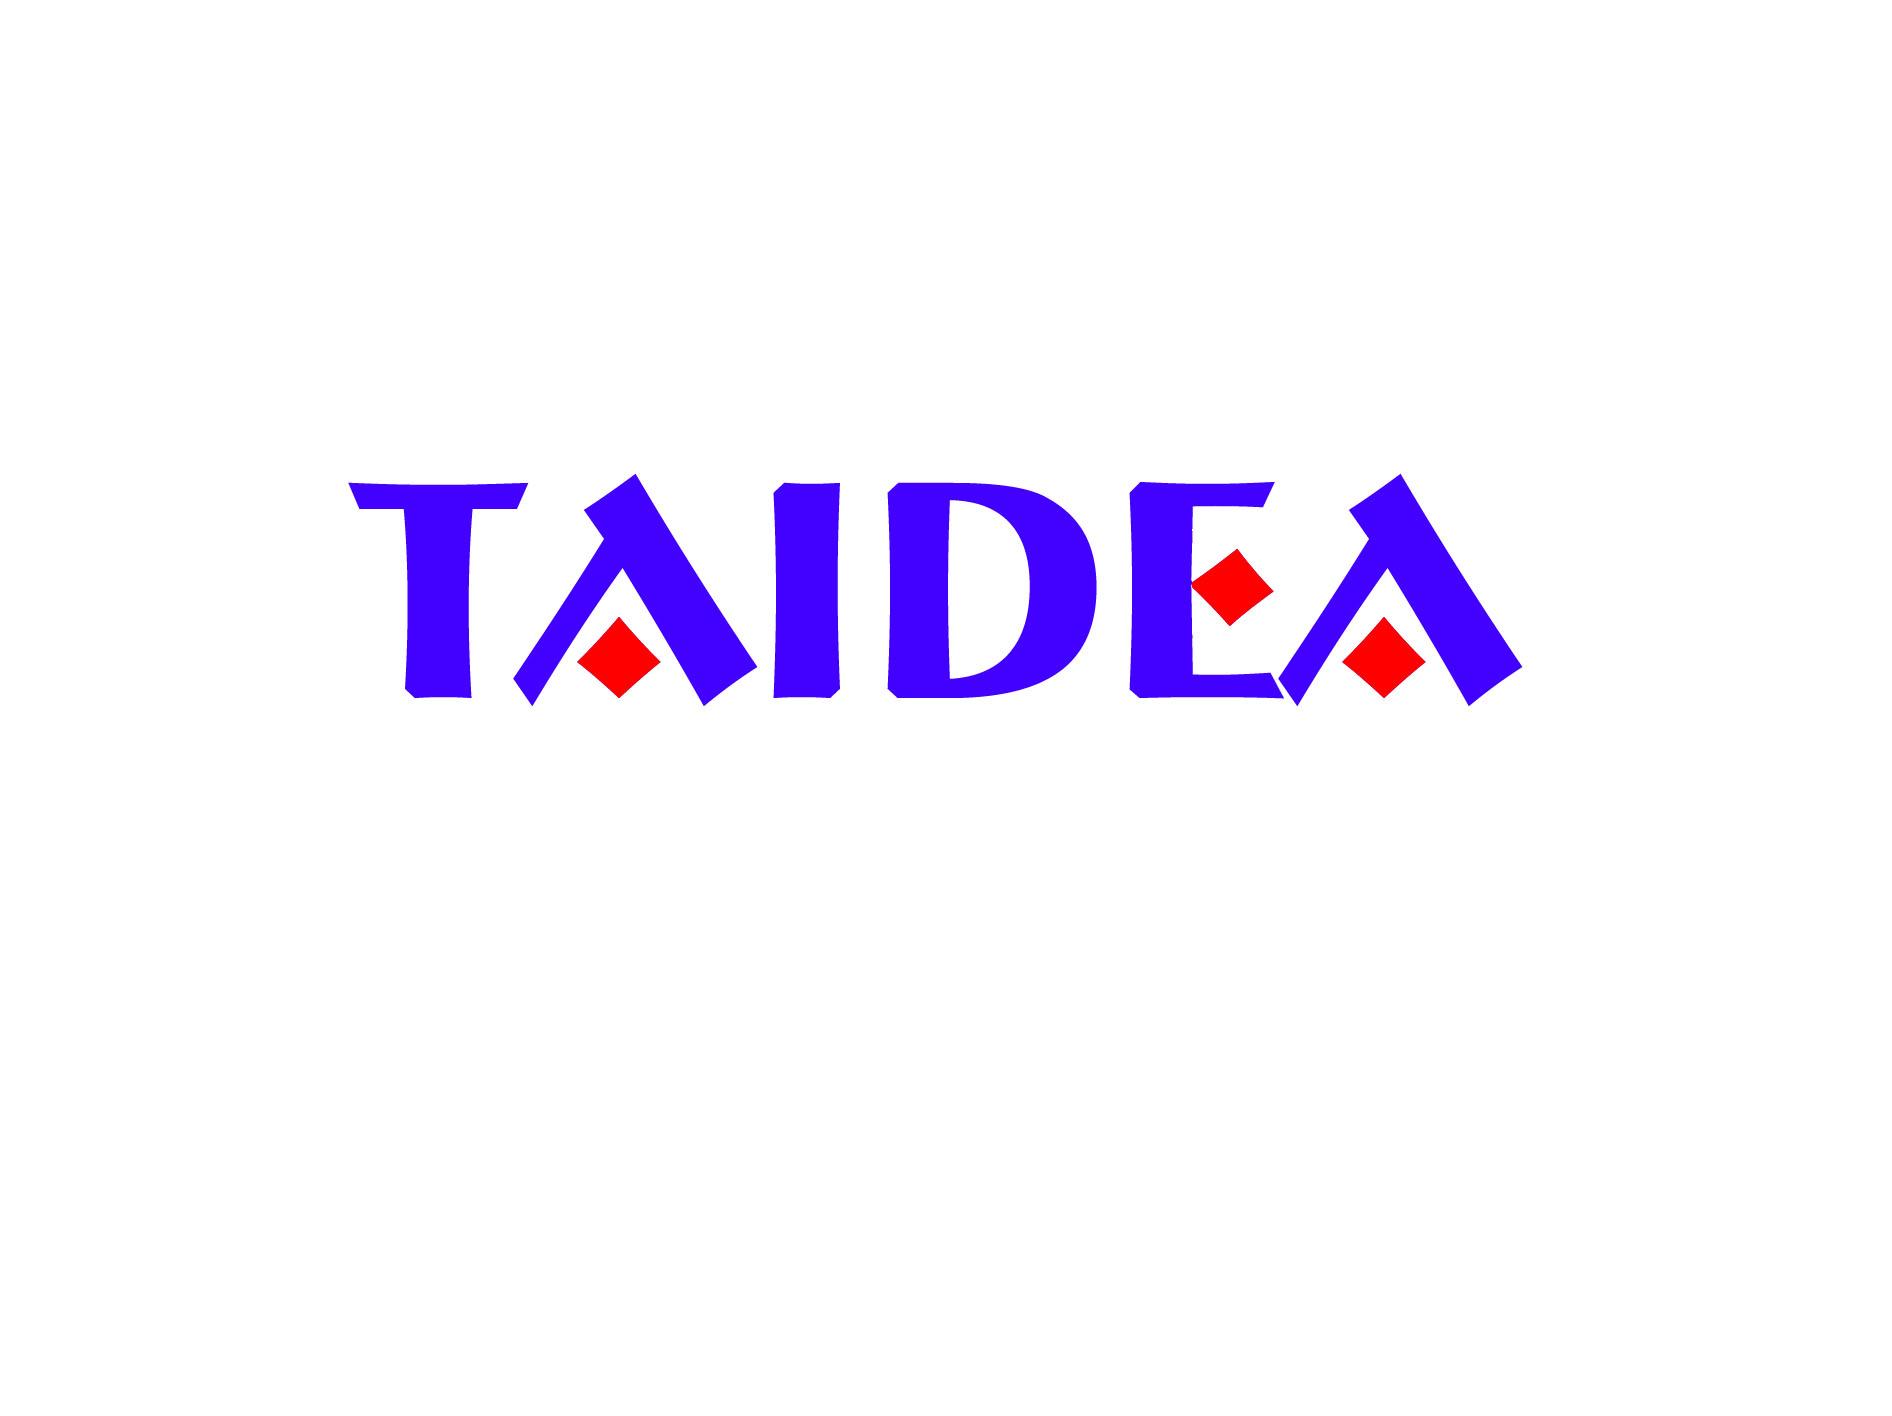 一、公司基本信息 公司名称(中文):泰帝科技(中山)有限公司 公司名称(英文):TAIDEA Technology (Zhongshan) Co.,Ltd. 公司成立时间比较短,目前主要从事于各种磨刀器,厨房用品,户外用品,太阳能产品等设计,开发,生产和销售,将来将会扩展到更多的领域。 任务选定后,再将发布任务,后续设计:网站改版设计、CI策划、宣传册设计、包装设计等。 二、LOGO设计内容及要求 1.